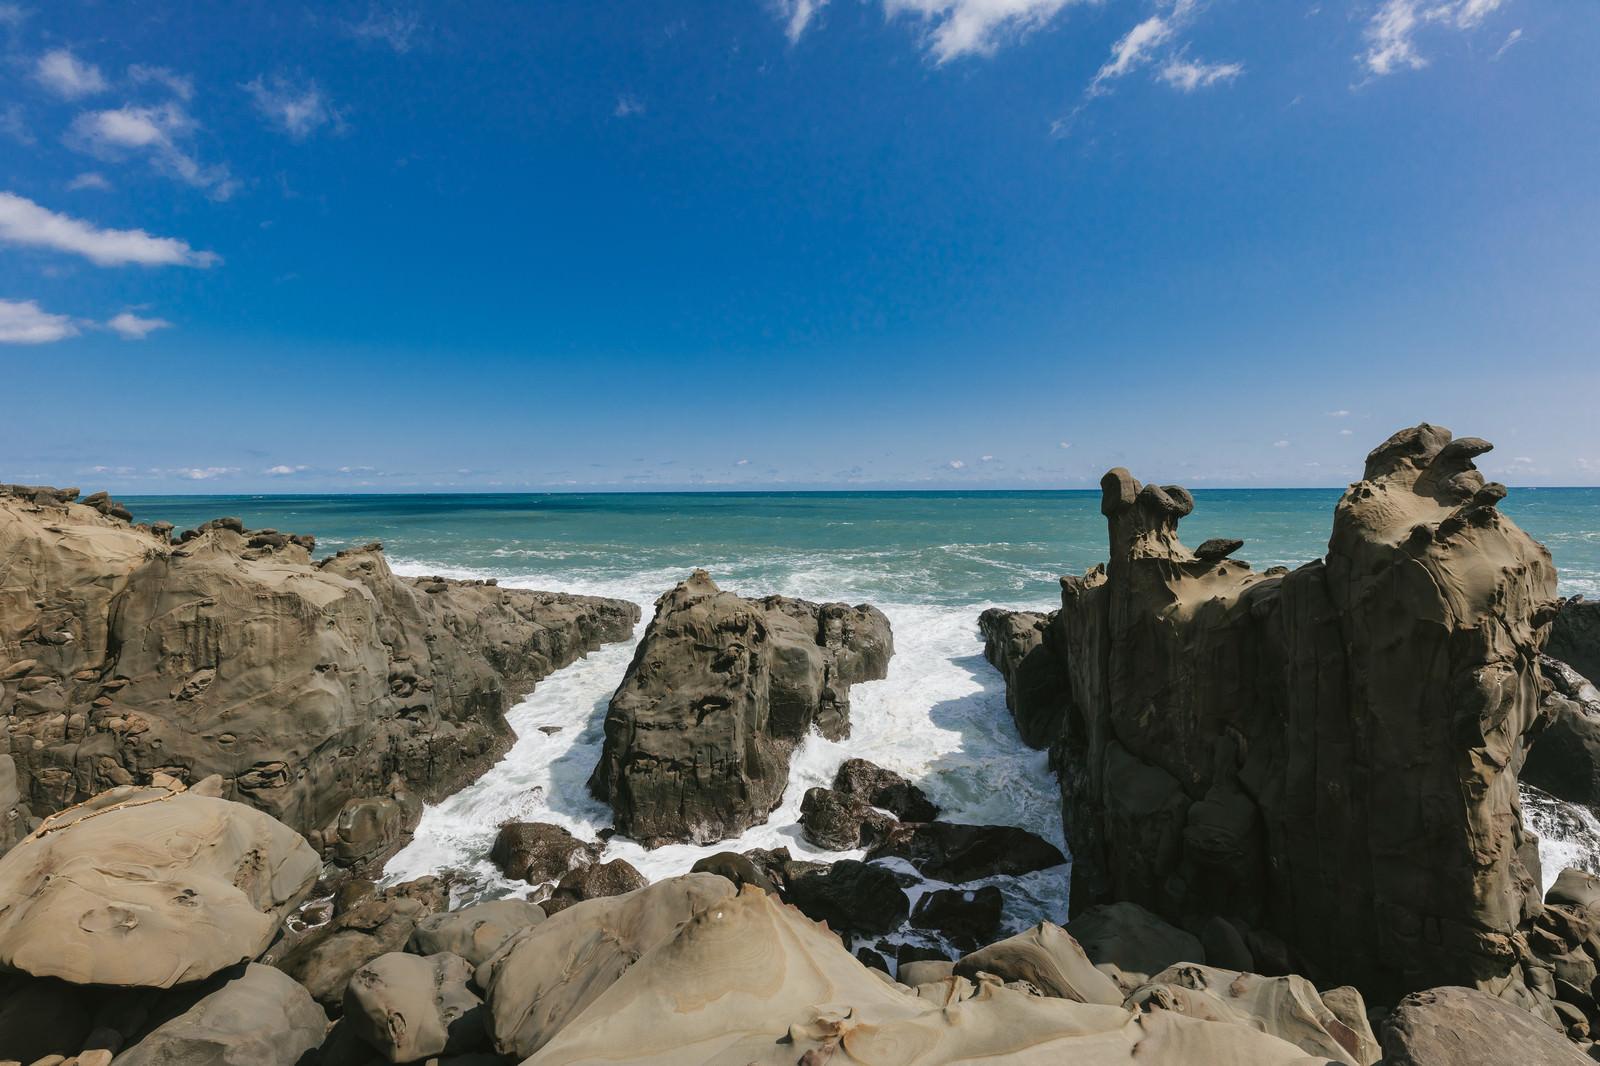 「鵜戸神宮から見える海岸の様子鵜戸神宮から見える海岸の様子」のフリー写真素材を拡大